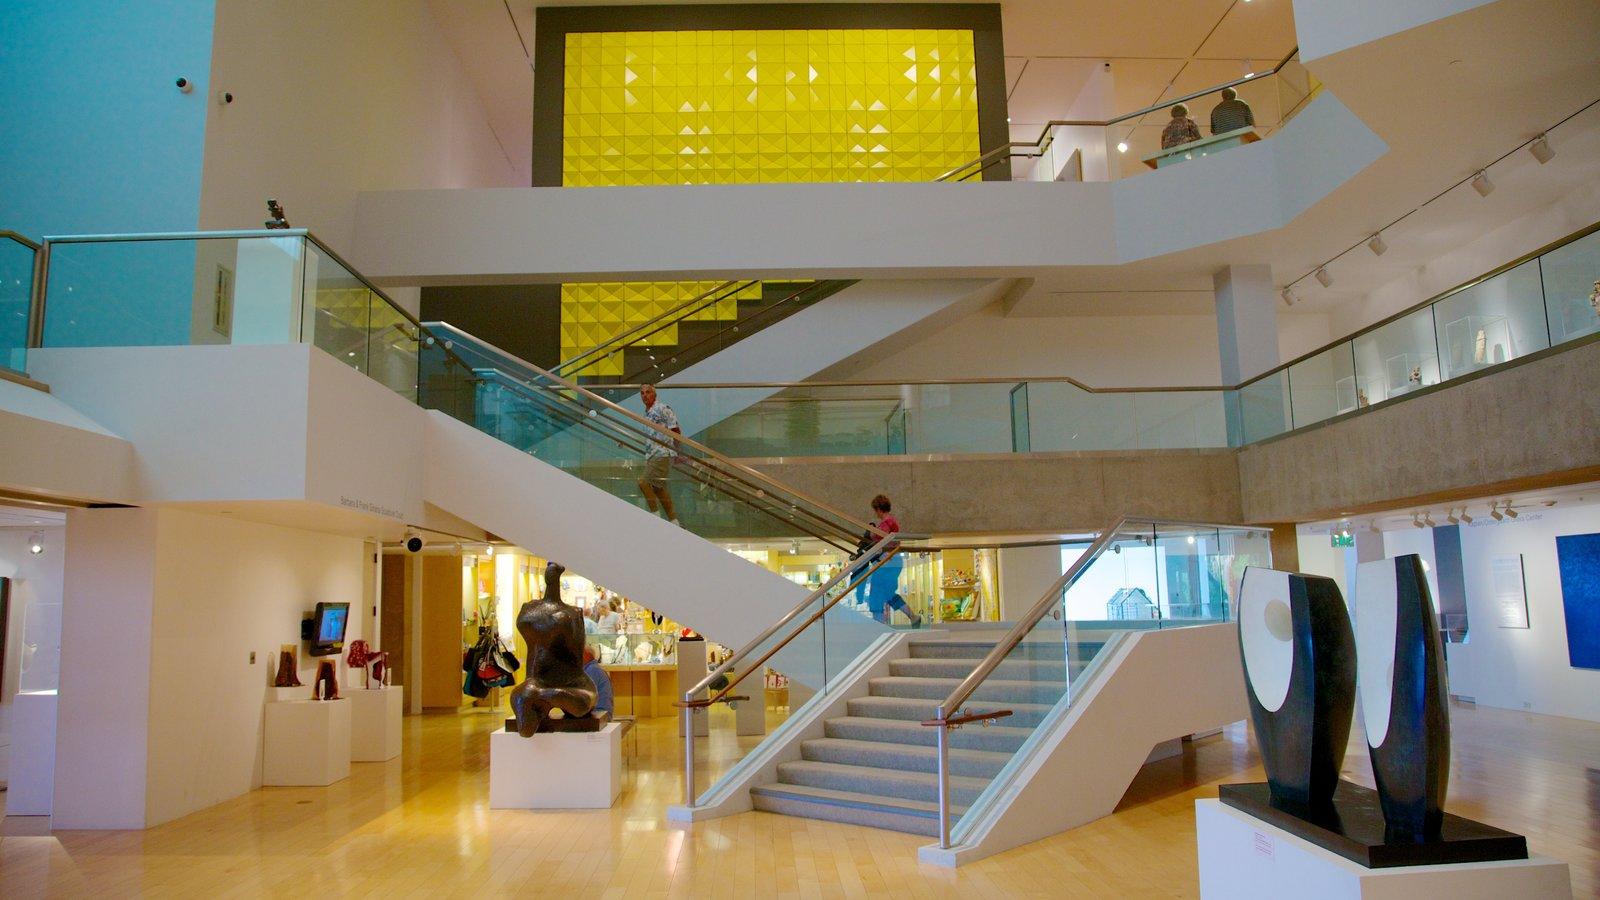 Palm Springs Art Museum que inclui vistas internas